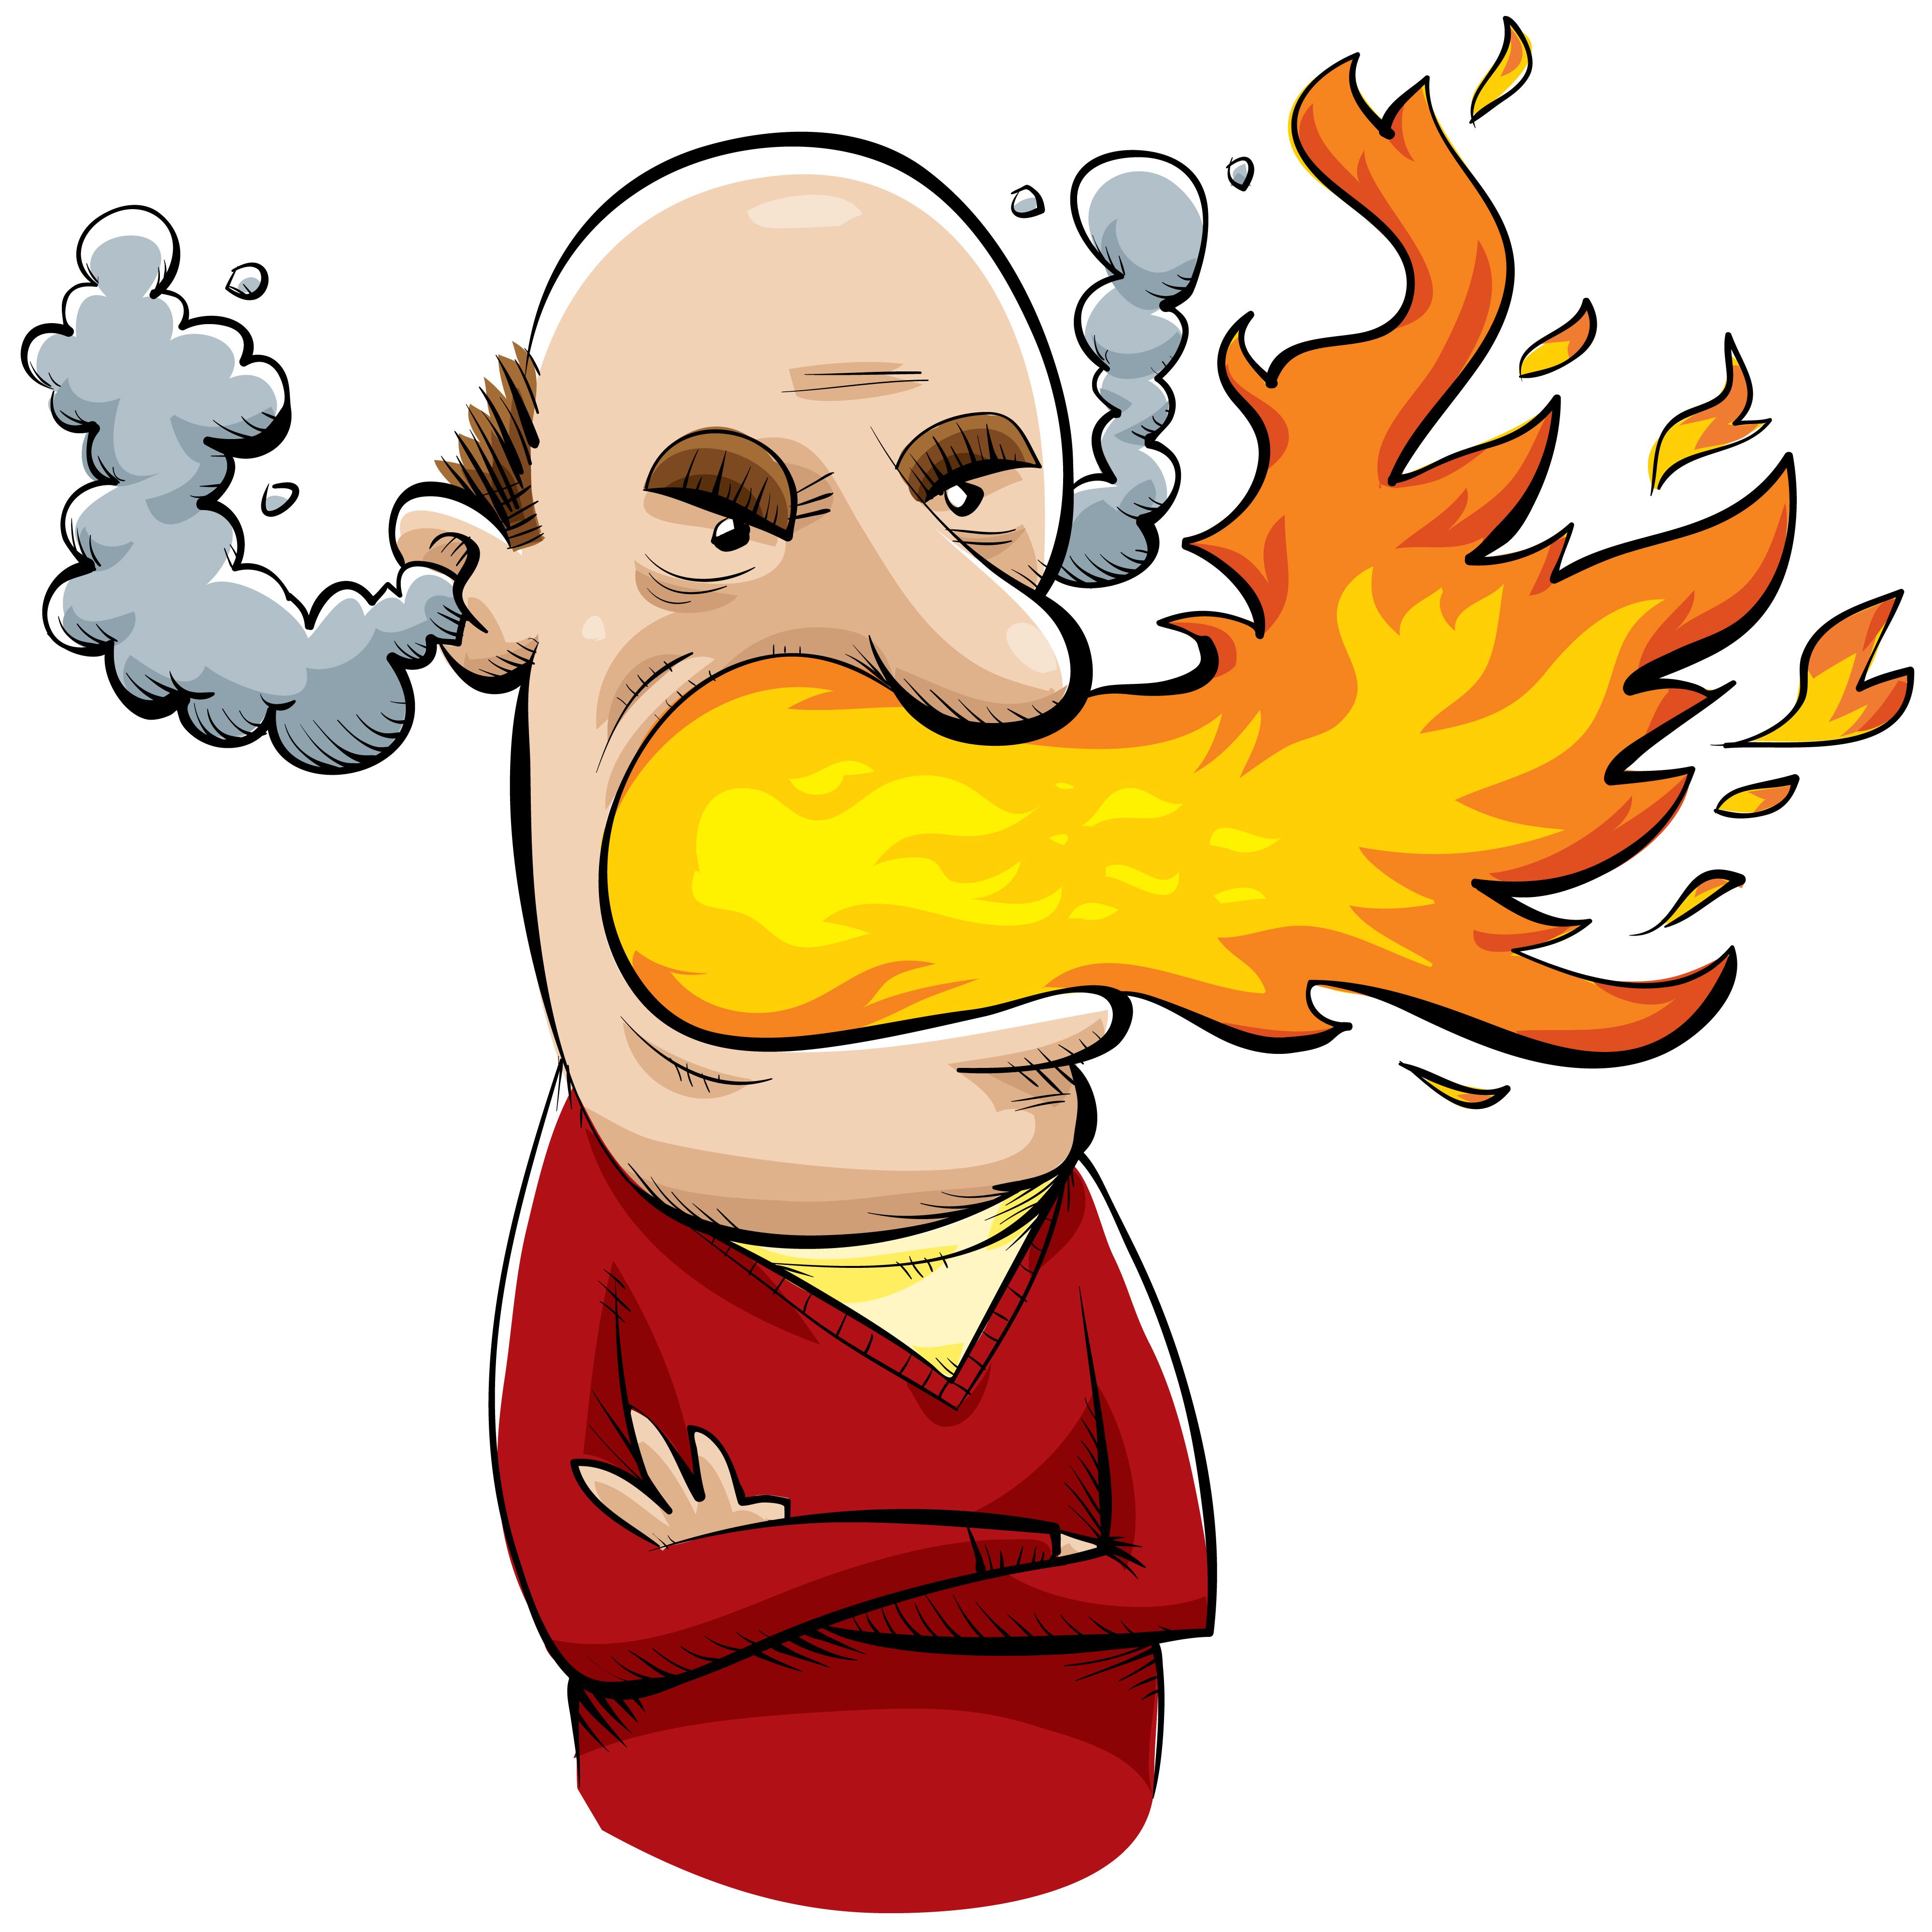 Clipart anger management svg free download Anger Management « Compass Rose Counselors - Free Clipart svg free download